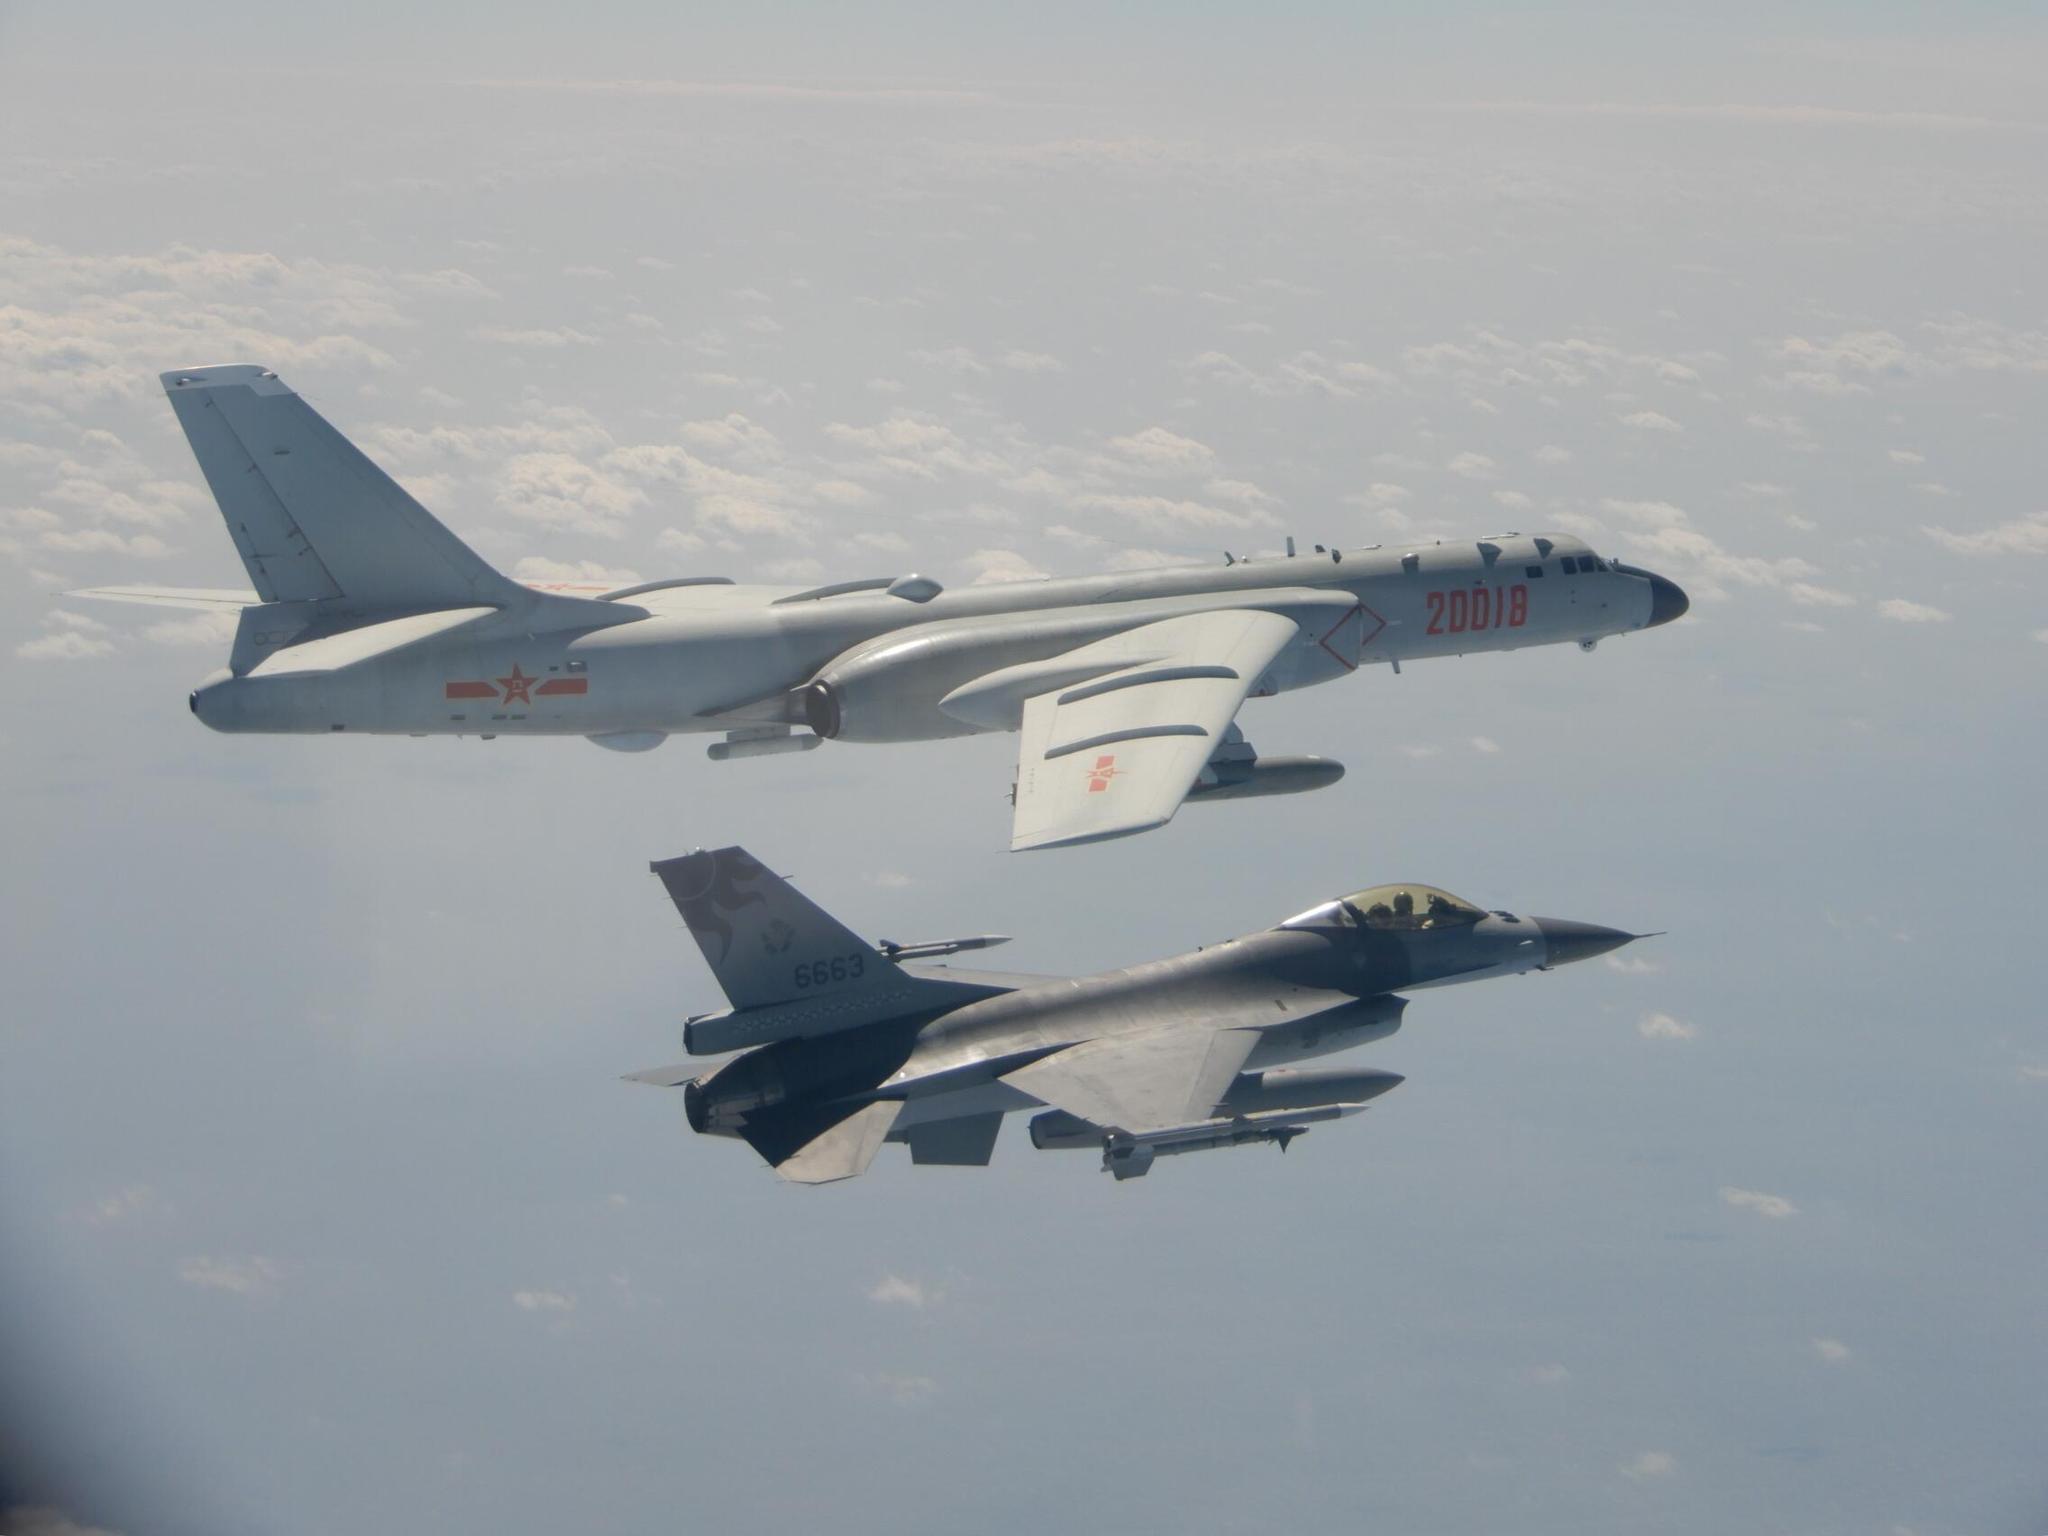 台军承认:F16战机被解放军歼11锁定